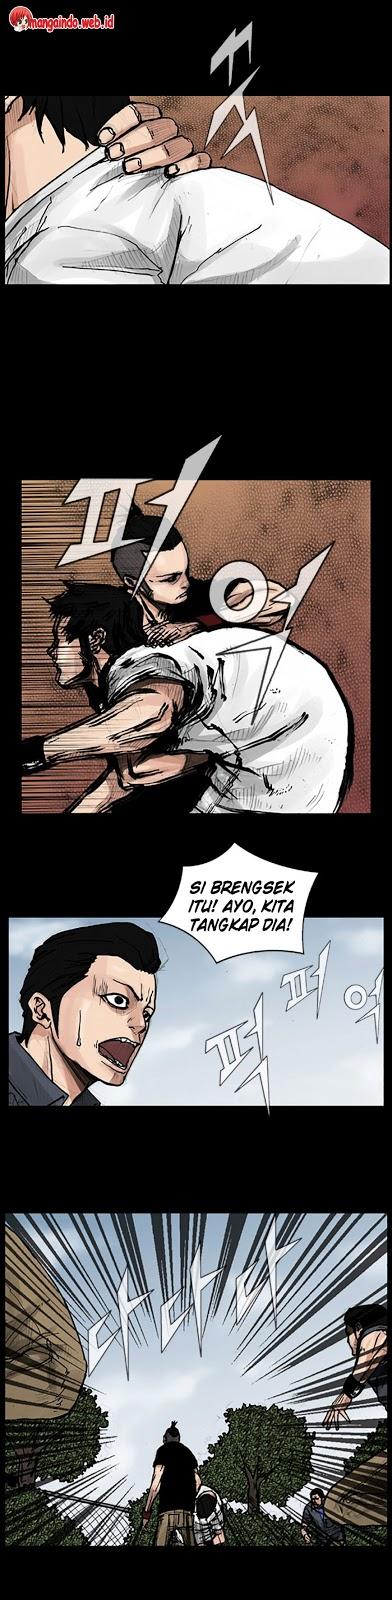 Dilarang COPAS - situs resmi www.mangacanblog.com - Komik dokgo 049 - chapter 49 50 Indonesia dokgo 049 - chapter 49 Terbaru 13|Baca Manga Komik Indonesia|Mangacan